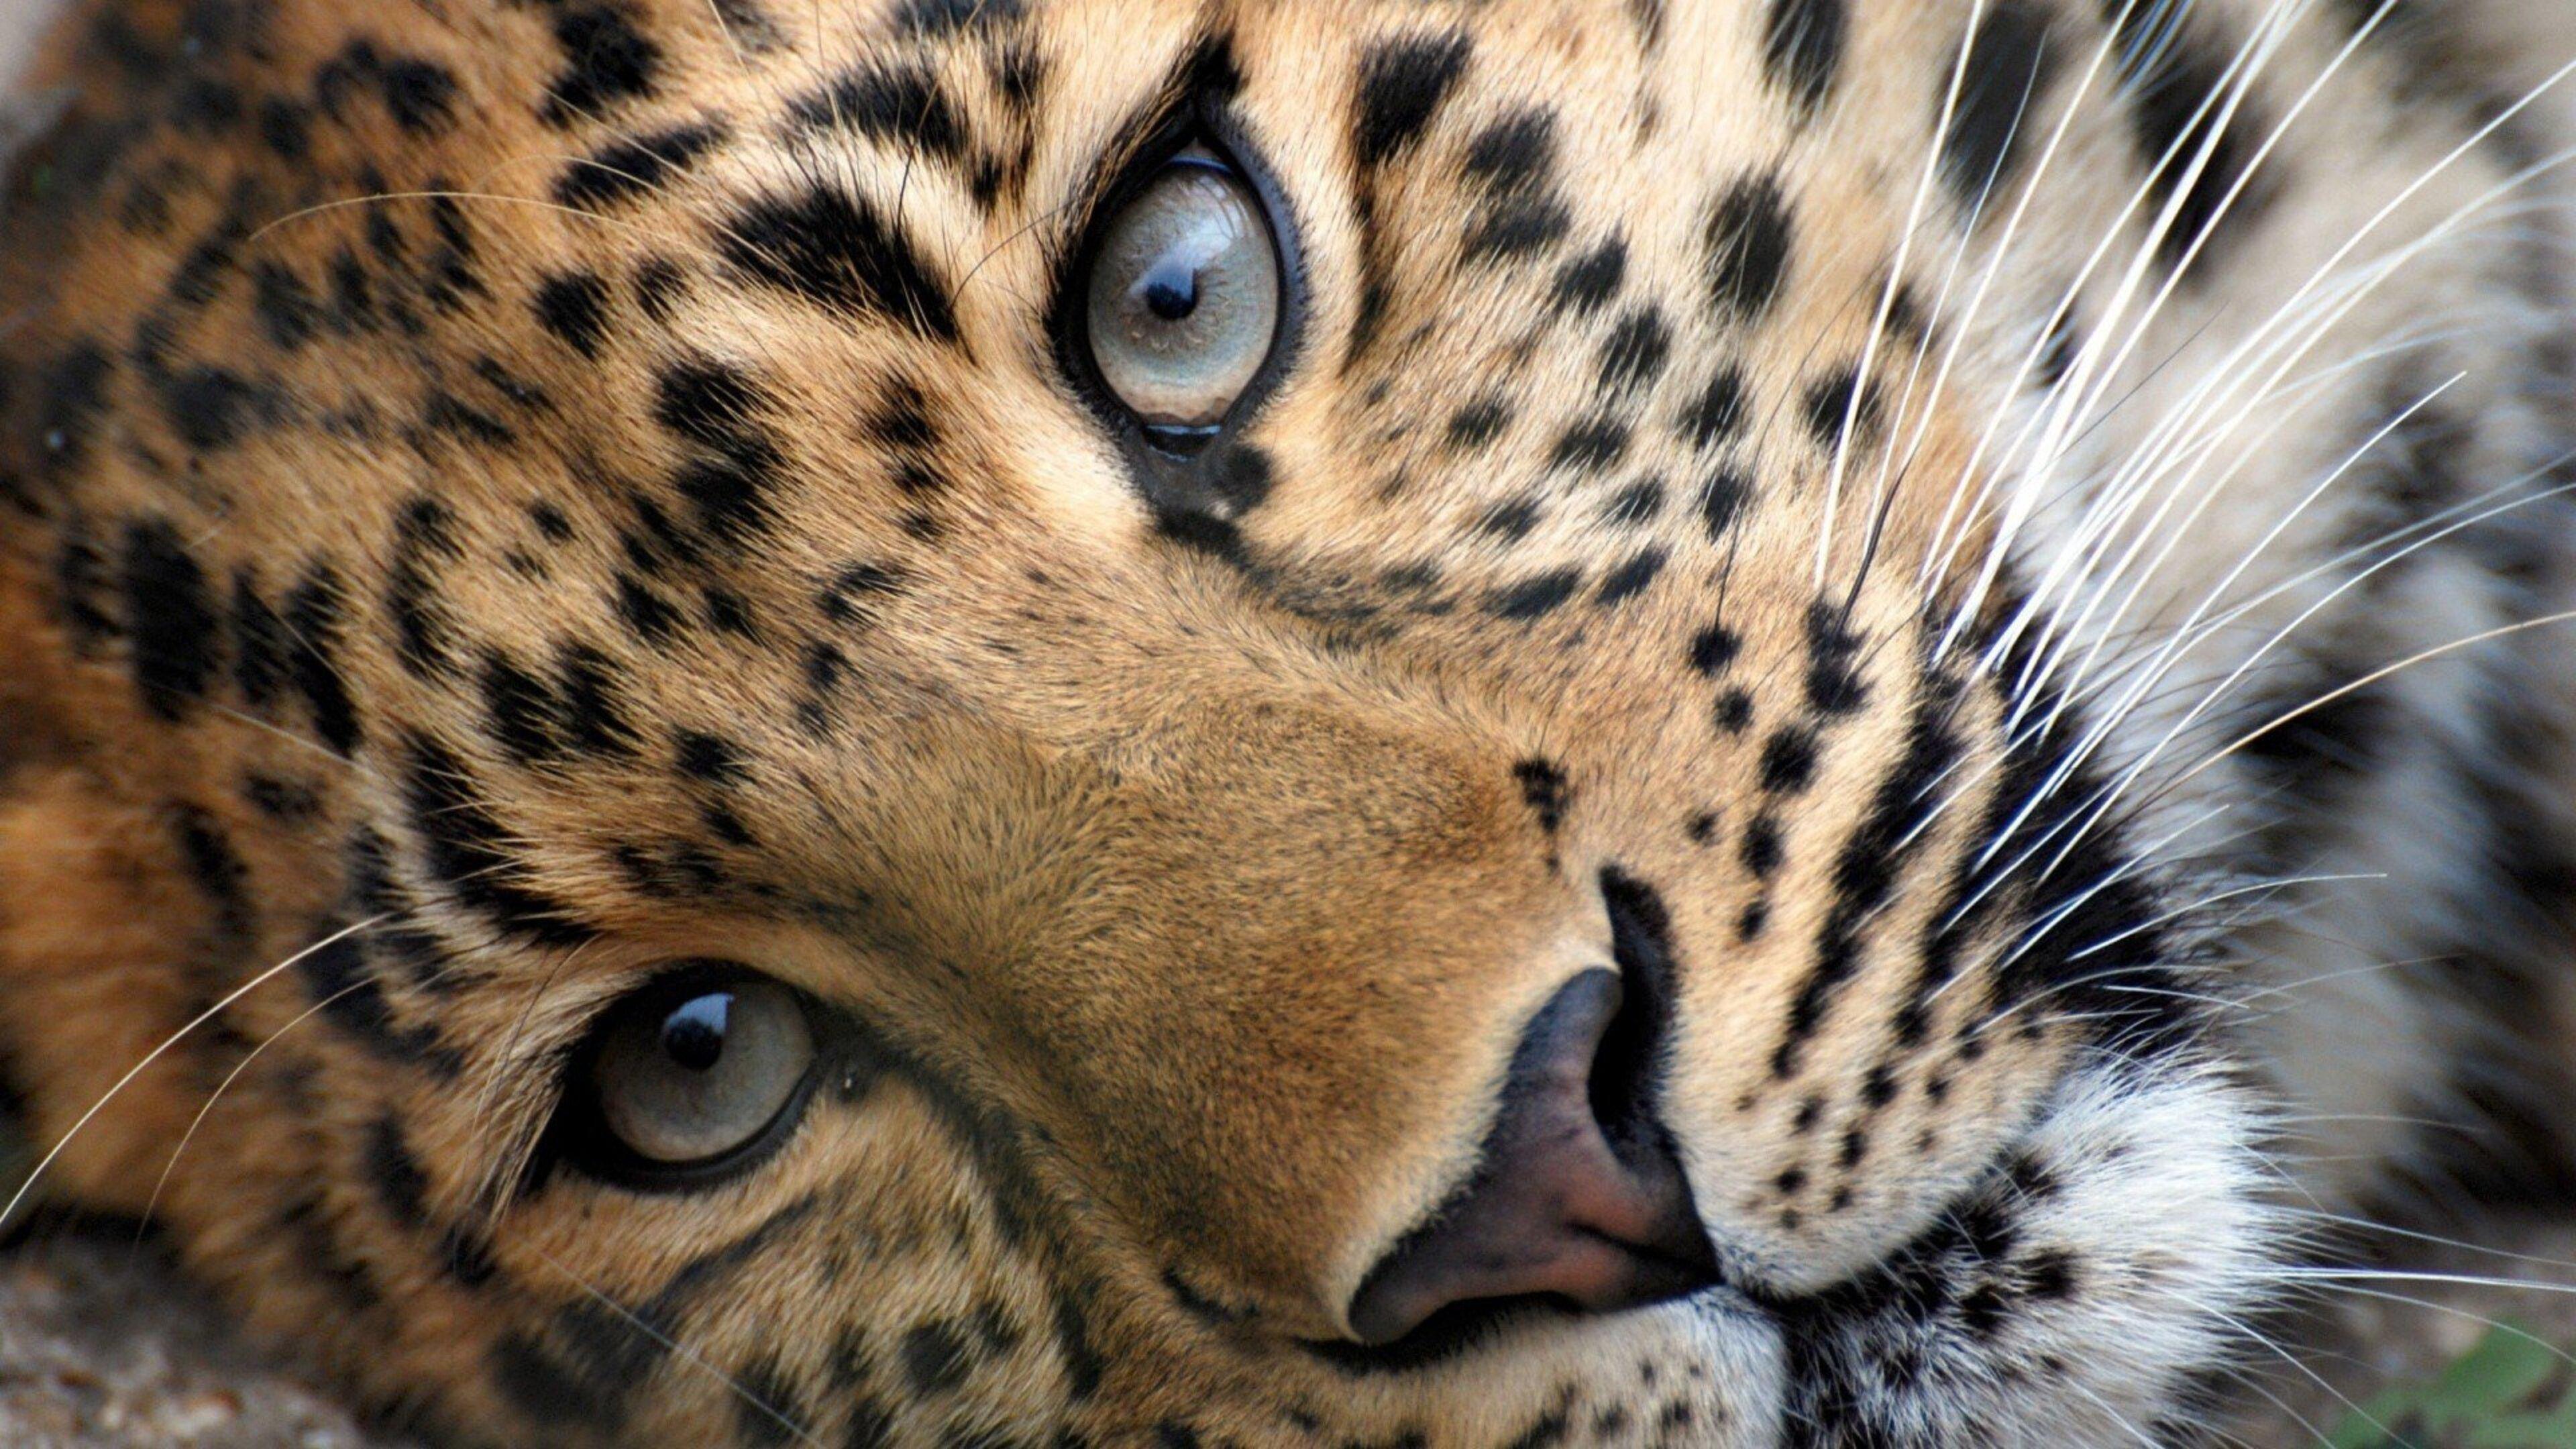 leopard-face-hd.jpg